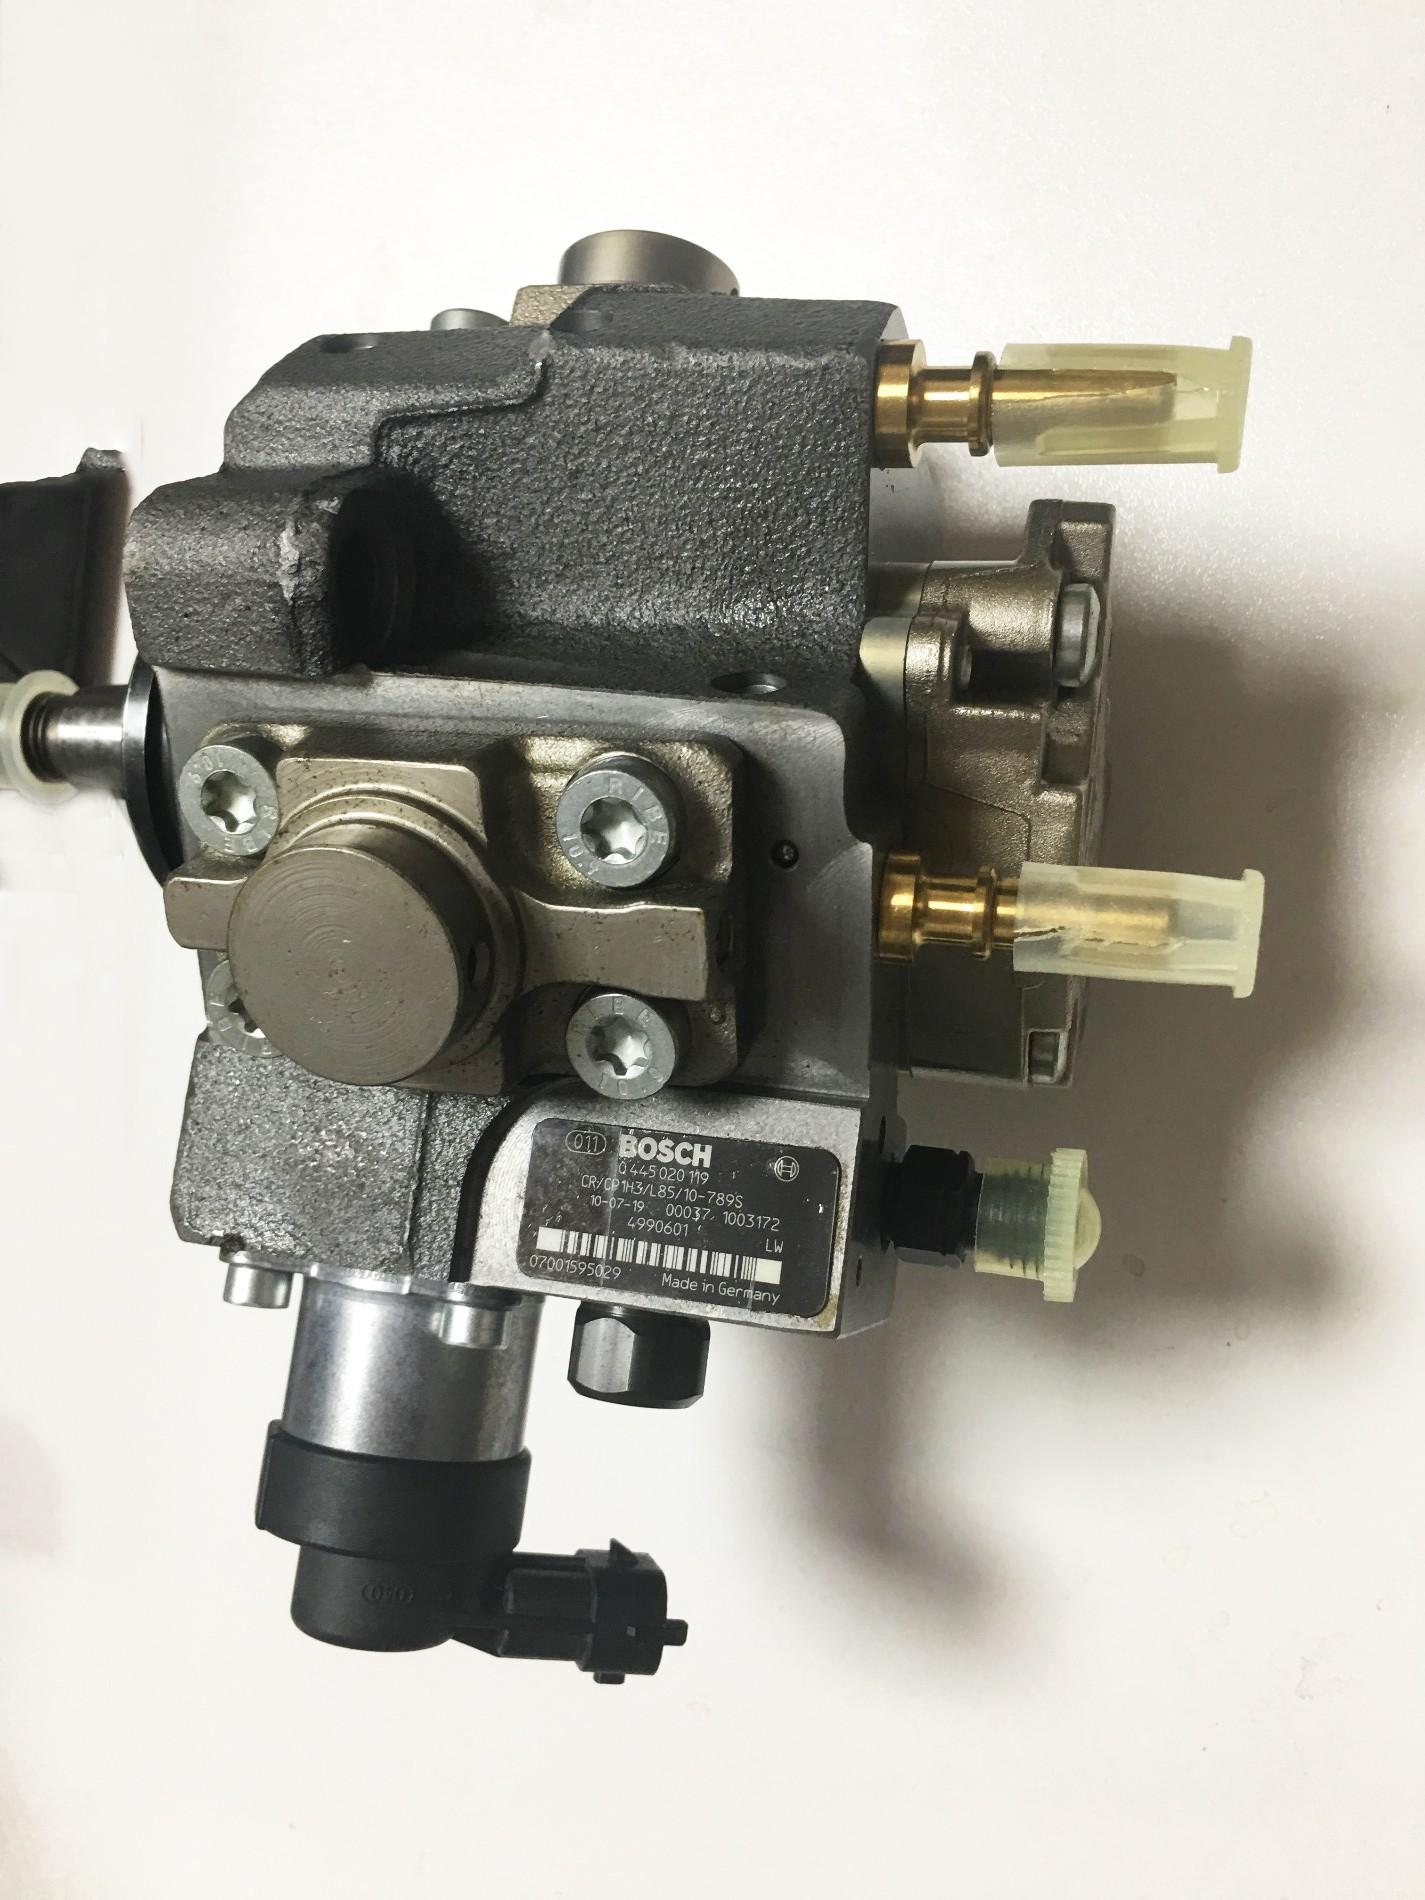 купить ISBe ISDe QSB Дизельный топливный насос 0445020119,ISBe ISDe QSB Дизельный топливный насос 0445020119 цена,ISBe ISDe QSB Дизельный топливный насос 0445020119 бренды,ISBe ISDe QSB Дизельный топливный насос 0445020119 производитель;ISBe ISDe QSB Дизельный топливный насос 0445020119 Цитаты;ISBe ISDe QSB Дизельный топливный насос 0445020119 компания